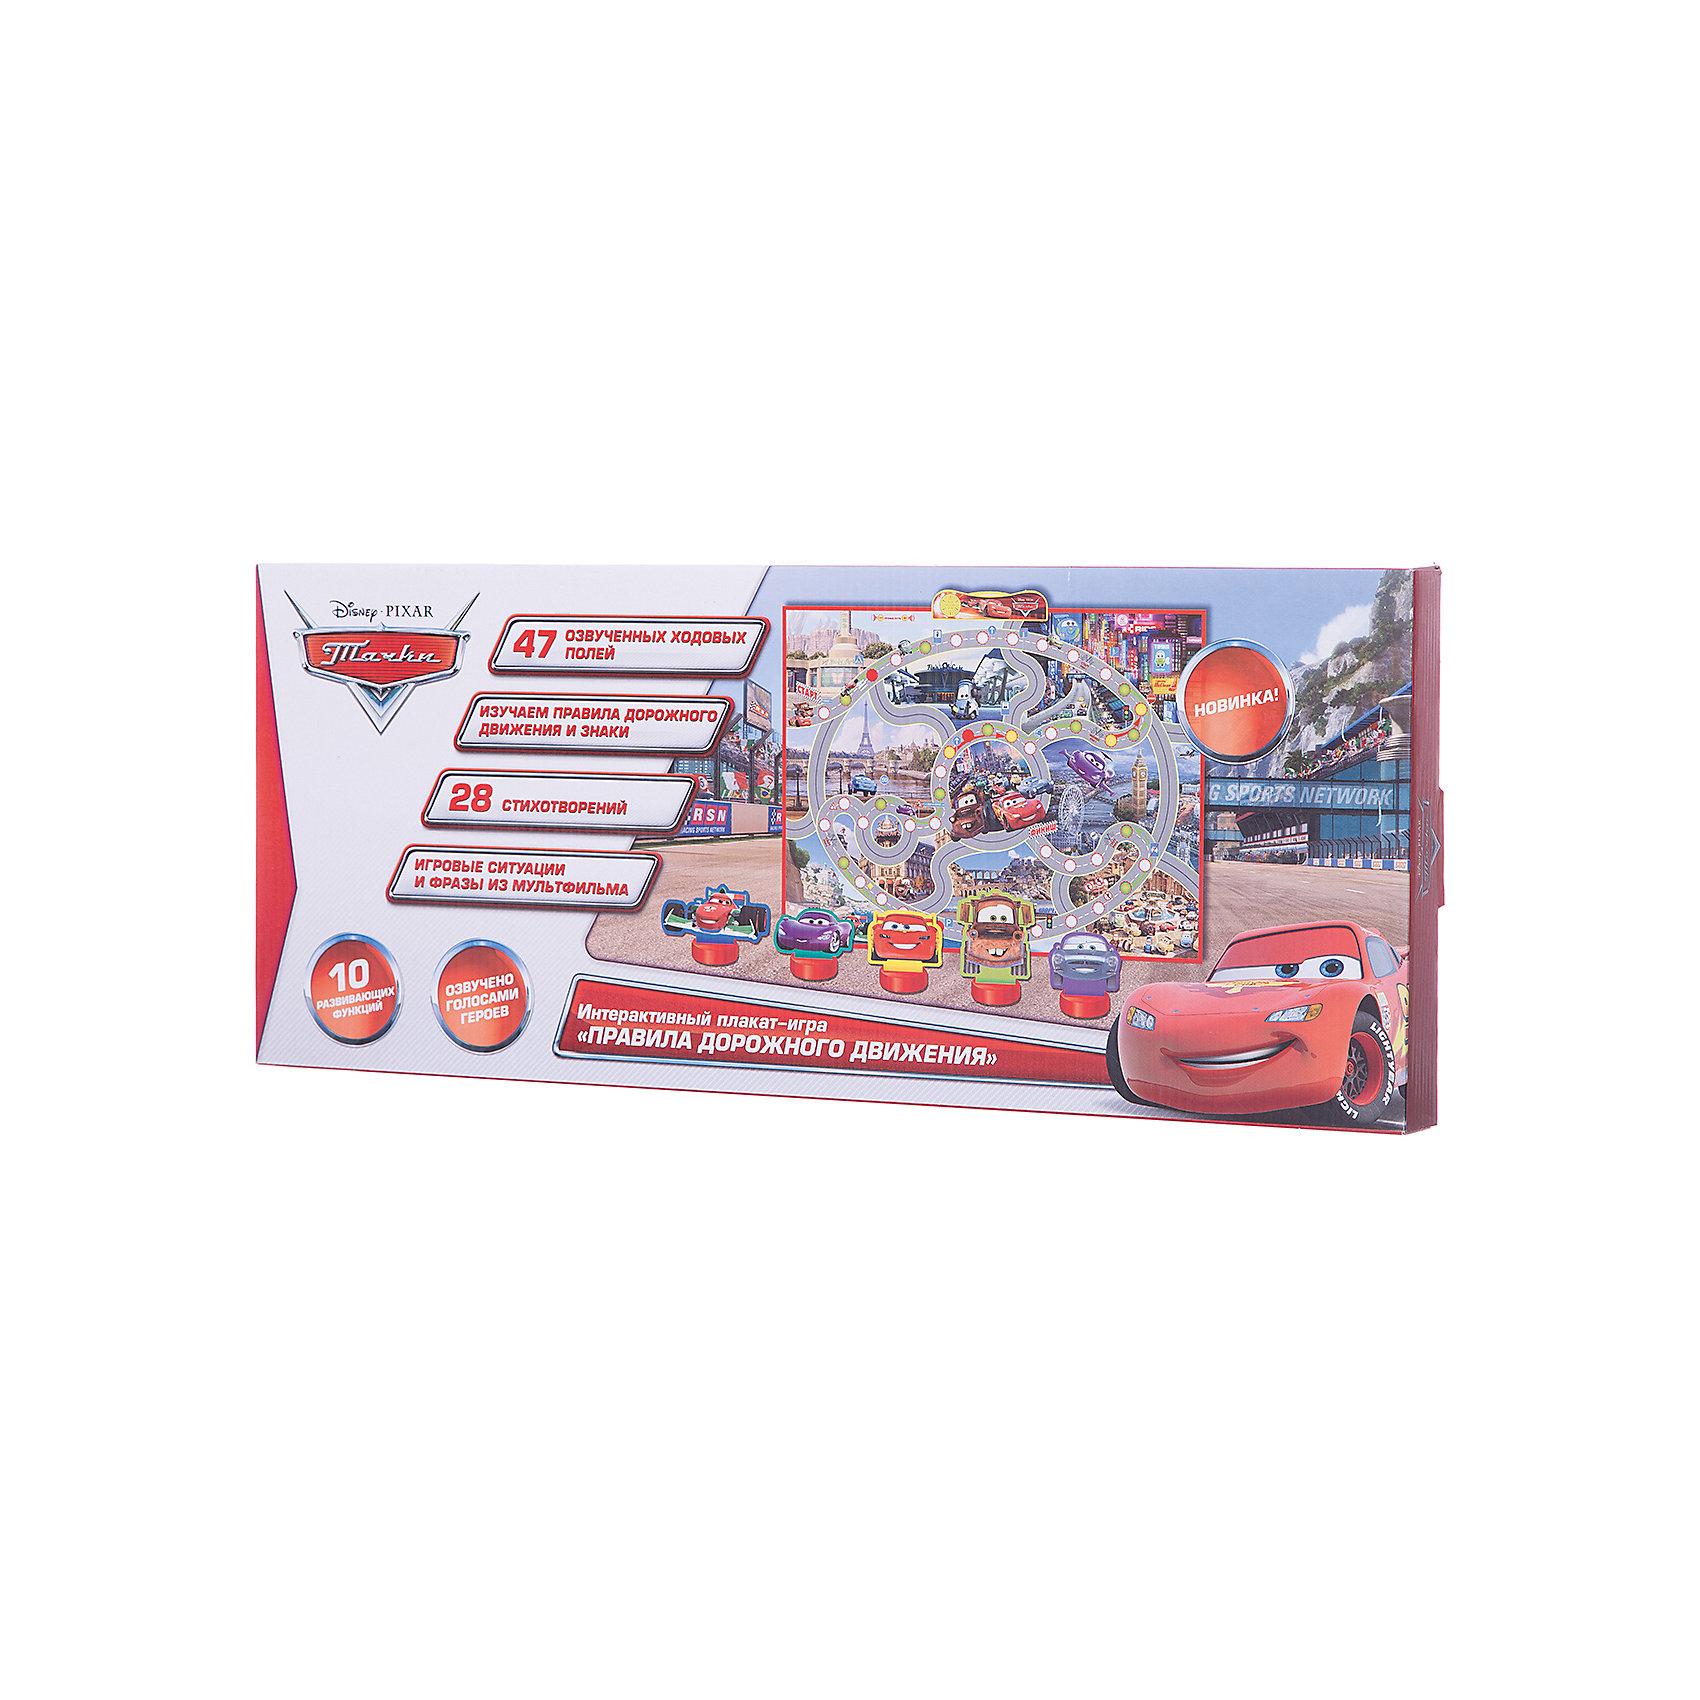 Плакат-игра интерактивный обучающий Правила дорожного движения, Тачки DisneyТелескопы<br>Интерактивный обучающий плакат Правила дорожного движения Тачки (Cars) совмещает в себе увлекательную настольную игру и веселое пособие для обучение правилам дорожного движения. Увлекательная настольная игра основана на сюжете популярного диснеевского мультфильма Тачки. В игре могут участвовать до 5 игроков, в комплект входят кубик и 5 фишек с изображениями персонажей мультфильма. Игроки по очереди бросают кубик и передвигаются по озвученным ходовым полям. Всего в игре 47 озвученных ходовых полей, 28 стихотворений и различные фразы из мультфильма. <br><br>С помощью этой замечательной игрушки ребенок научится основам правильного поведения на проезжей части и в качестве водителя, и в качестве пешехода. Плакат имеет влагозащитную поверхность, его можно положить на стол или прикрепить на стену. Он оснащен сенсорными кнопками, громкость можно регулировать, автоматическое отключение.<br><br>Дополнительная информация:<br><br>- Материал:  качественный пластик, картон.<br>- Требуются батарейки: 3 х типа ААА (входят в комплект).<br>- Размер: 58,5 х 47 см.<br>- Размер упаковки: 63 х 4 х 25 см.<br>- Вес: 400 гр. <br><br>Обучающий интерактивный плакат-игру Правила дорожного движения, Тачки Disney можно купить в нашем интернет-магазине.<br><br>Ширина мм: 470<br>Глубина мм: 650<br>Высота мм: 40<br>Вес г: 400<br>Возраст от месяцев: 36<br>Возраст до месяцев: 84<br>Пол: Мужской<br>Возраст: Детский<br>SKU: 3571138